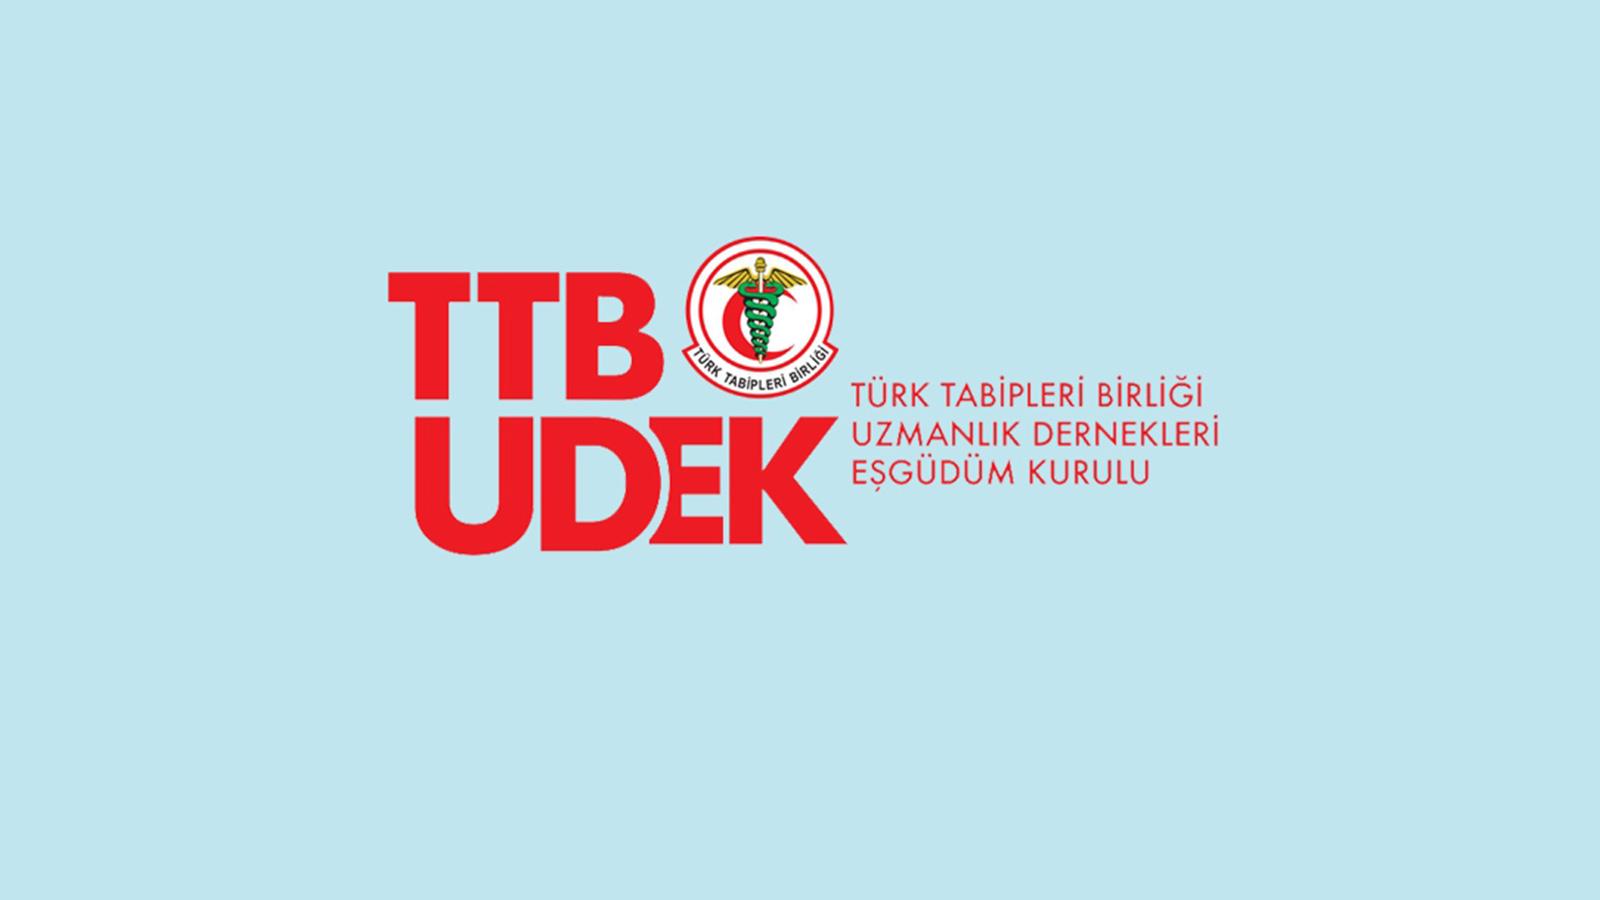 TTB ve Uzmanlık Dernekleri: İşbirliği Protokolleri Çerçevesinde İmzalatılmak İstenen Hizmet Sözleşmeleri Tıp Fakültelerinin İşleyişine Uygun Değildir, Hukuka Aykırıdır